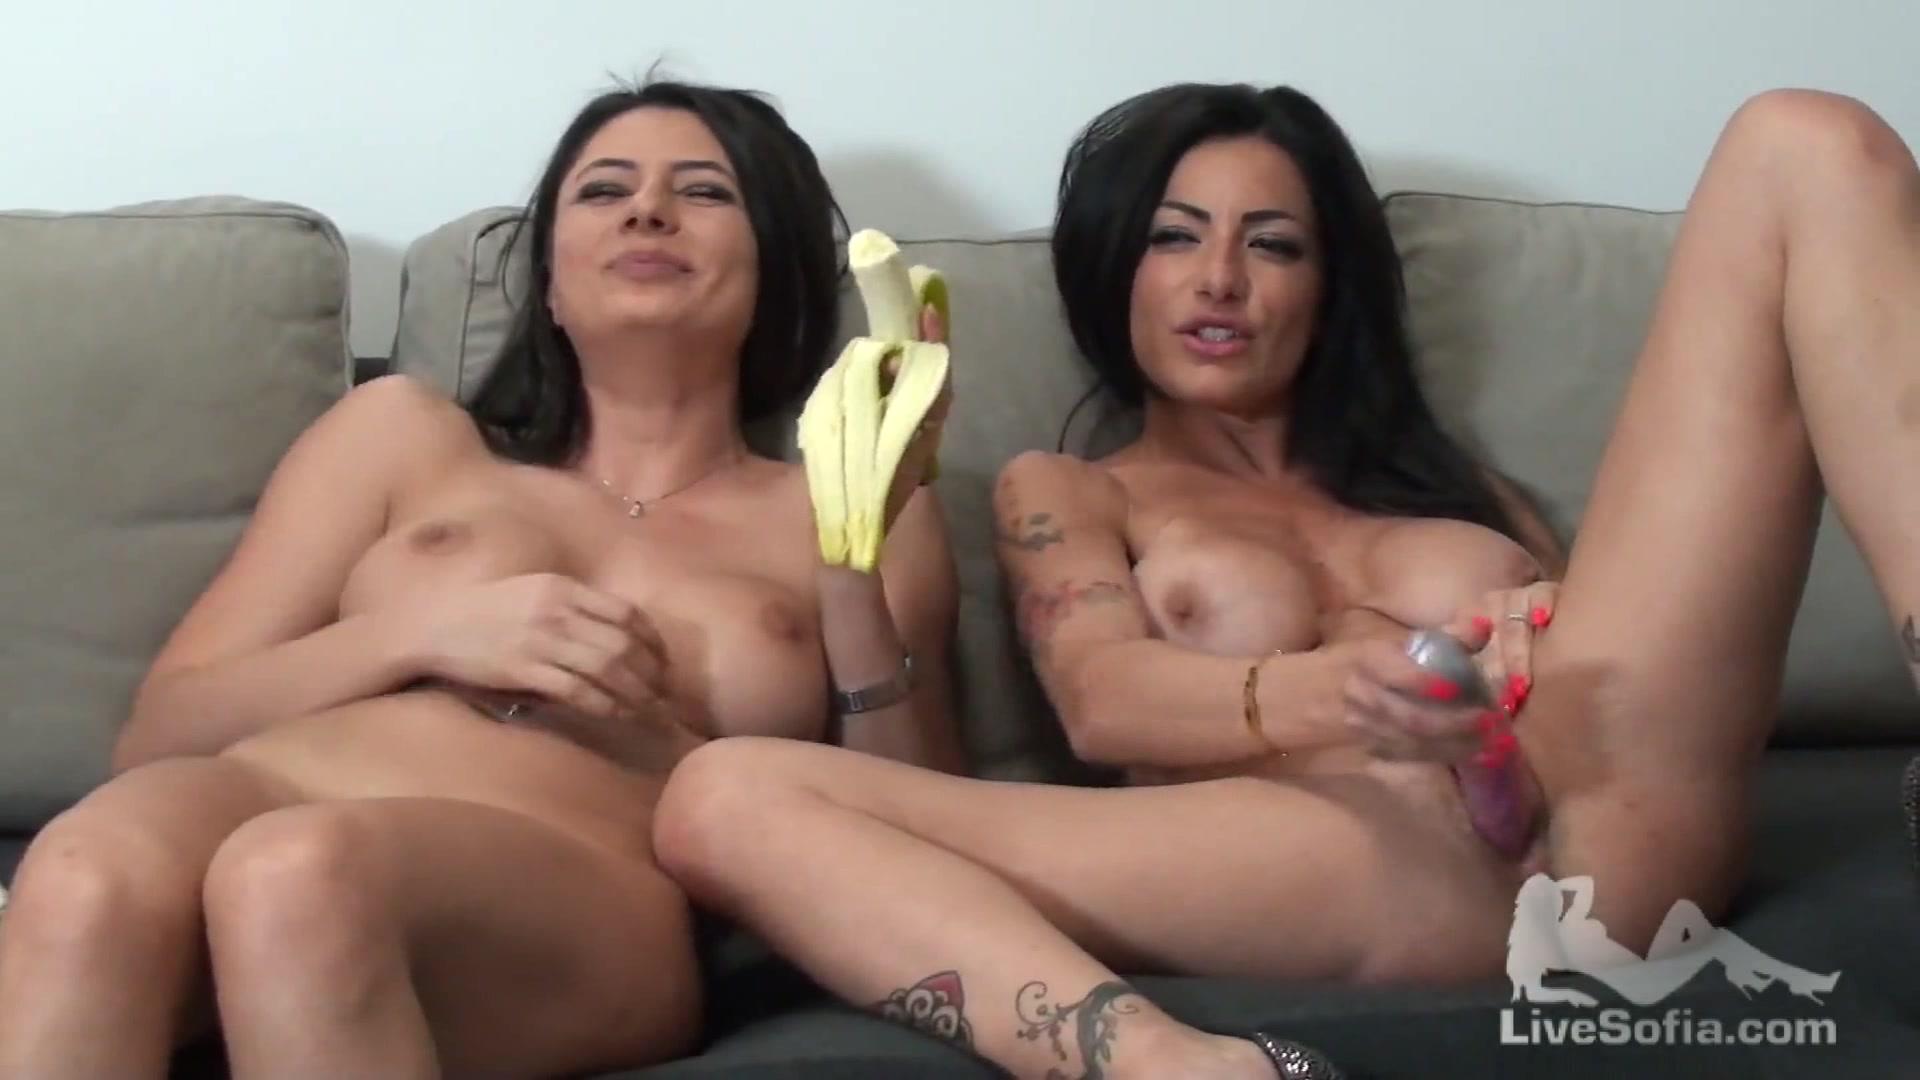 Lesbo show tra Priscilla Salerno e Sofia Cucci 2  AmaPorn